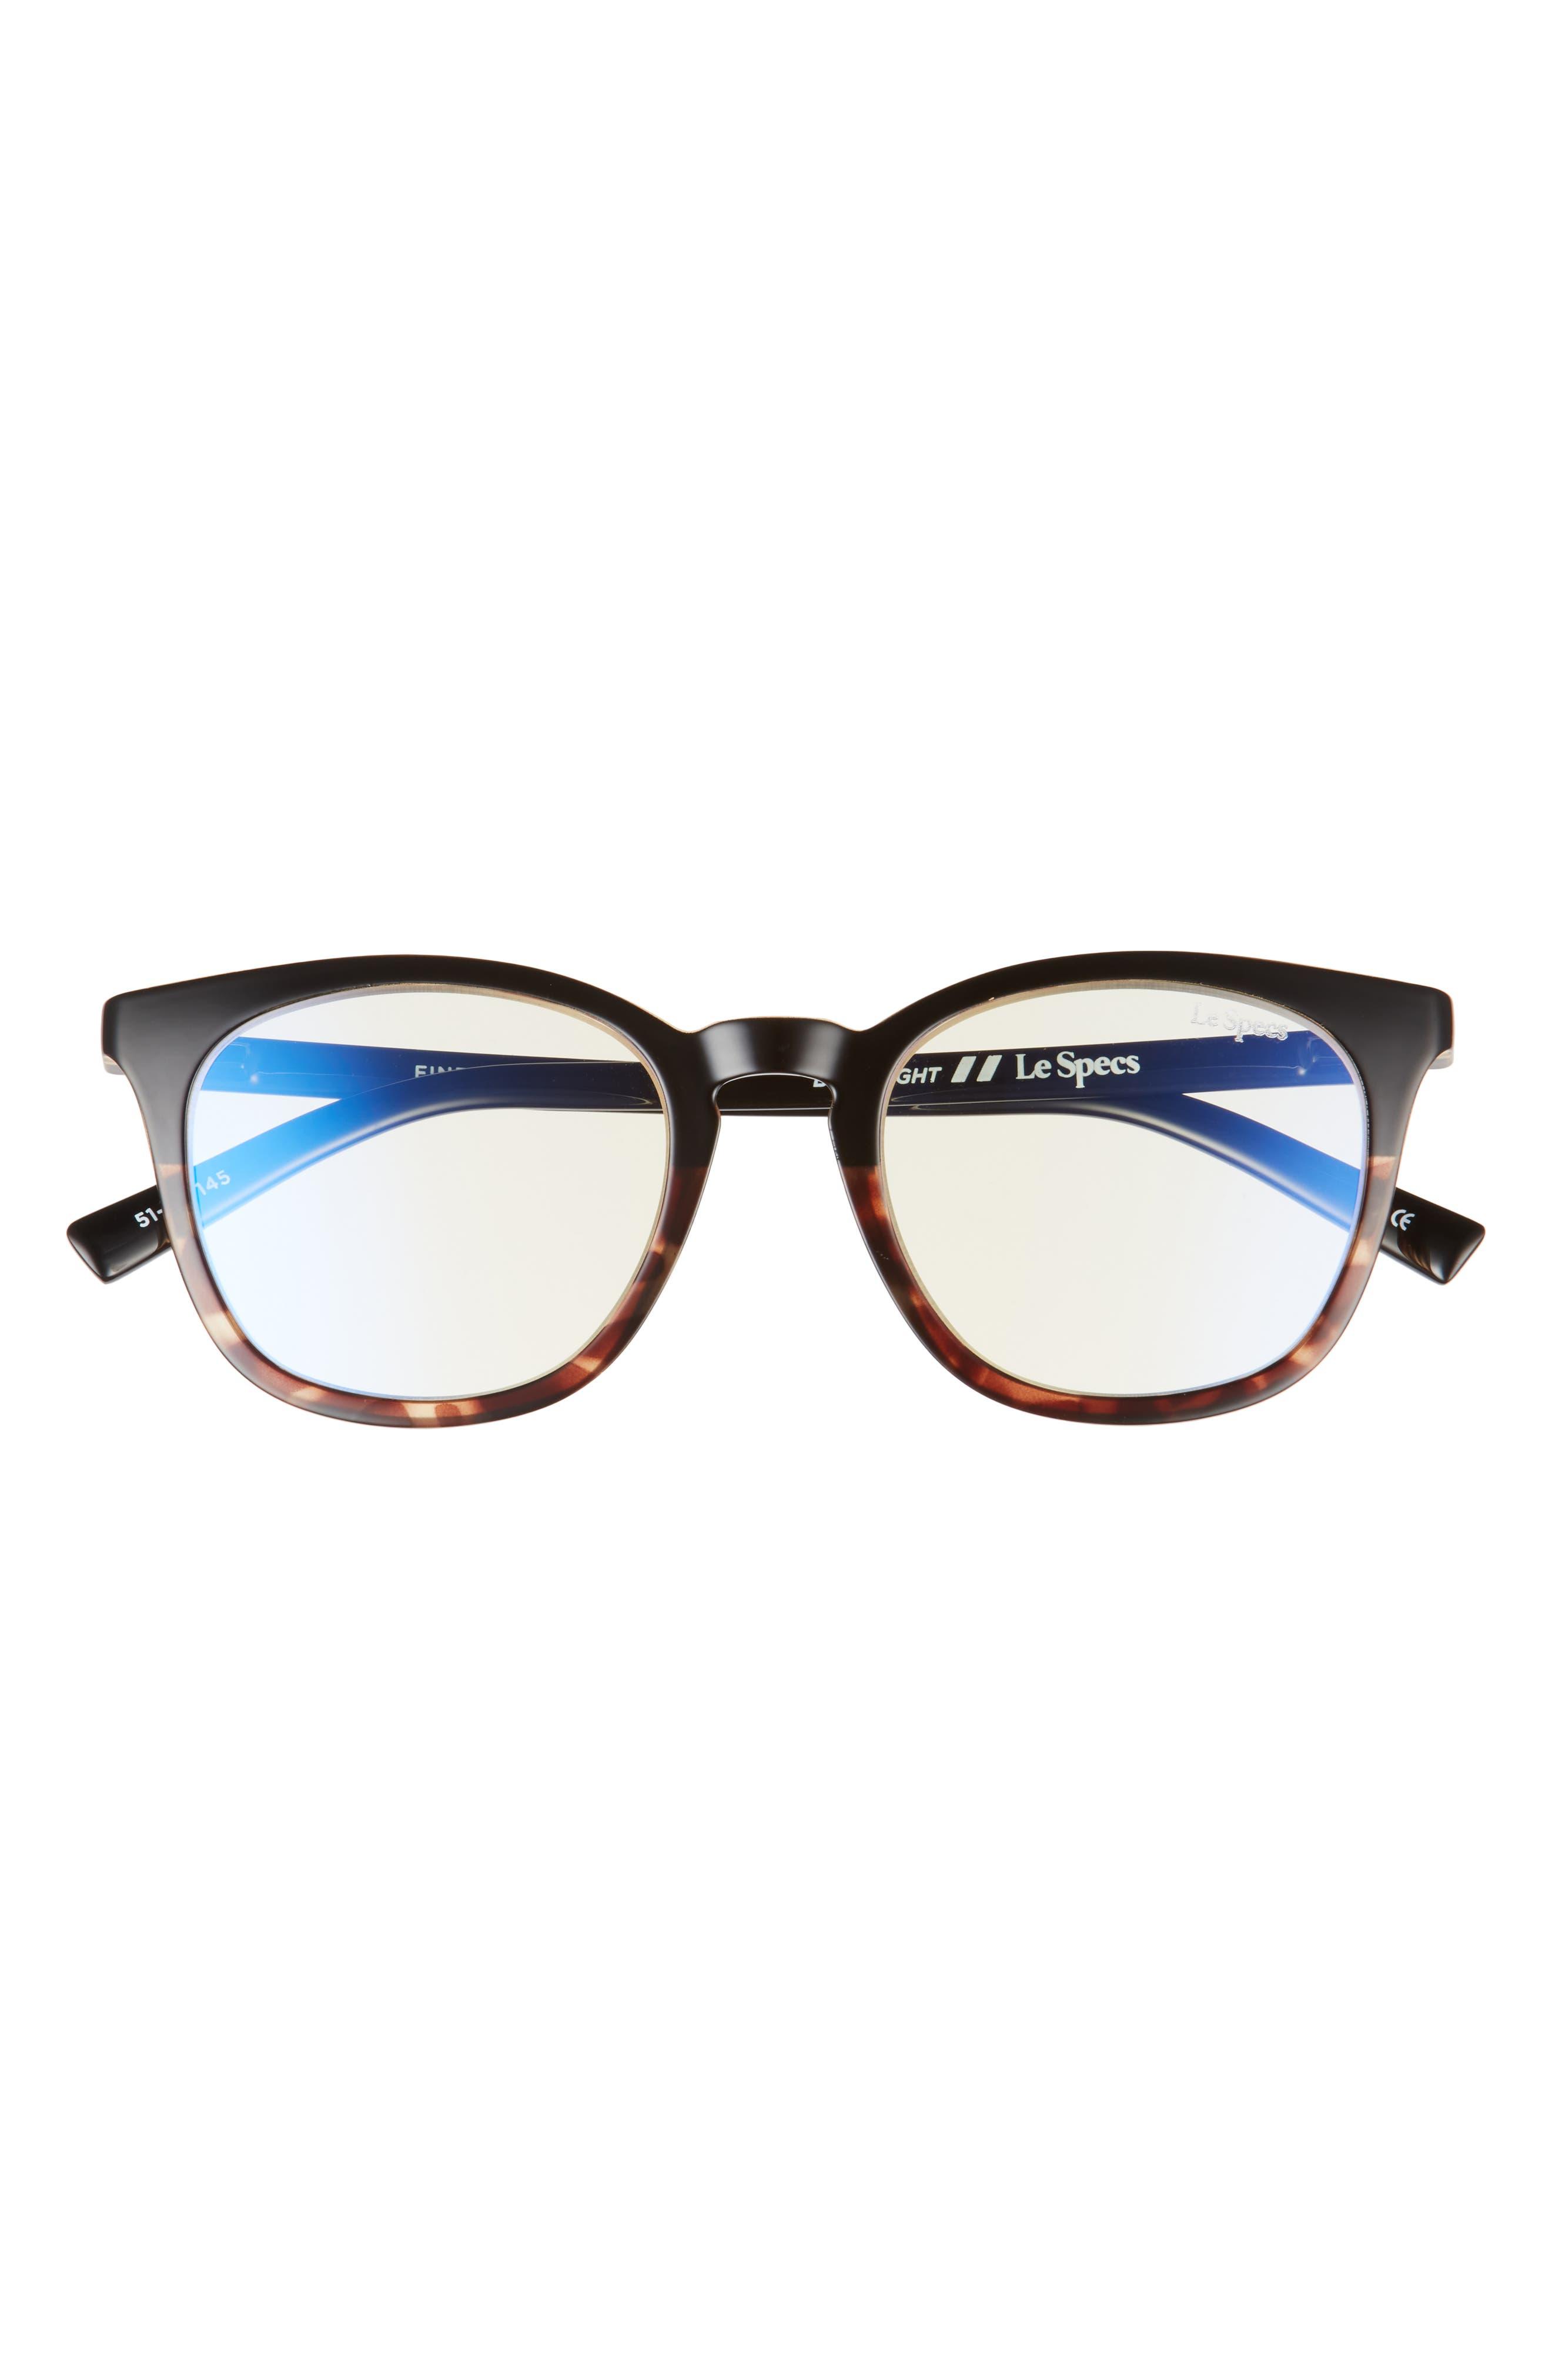 Fine Specimen 47mm Small Blue Light Blocking Glasses